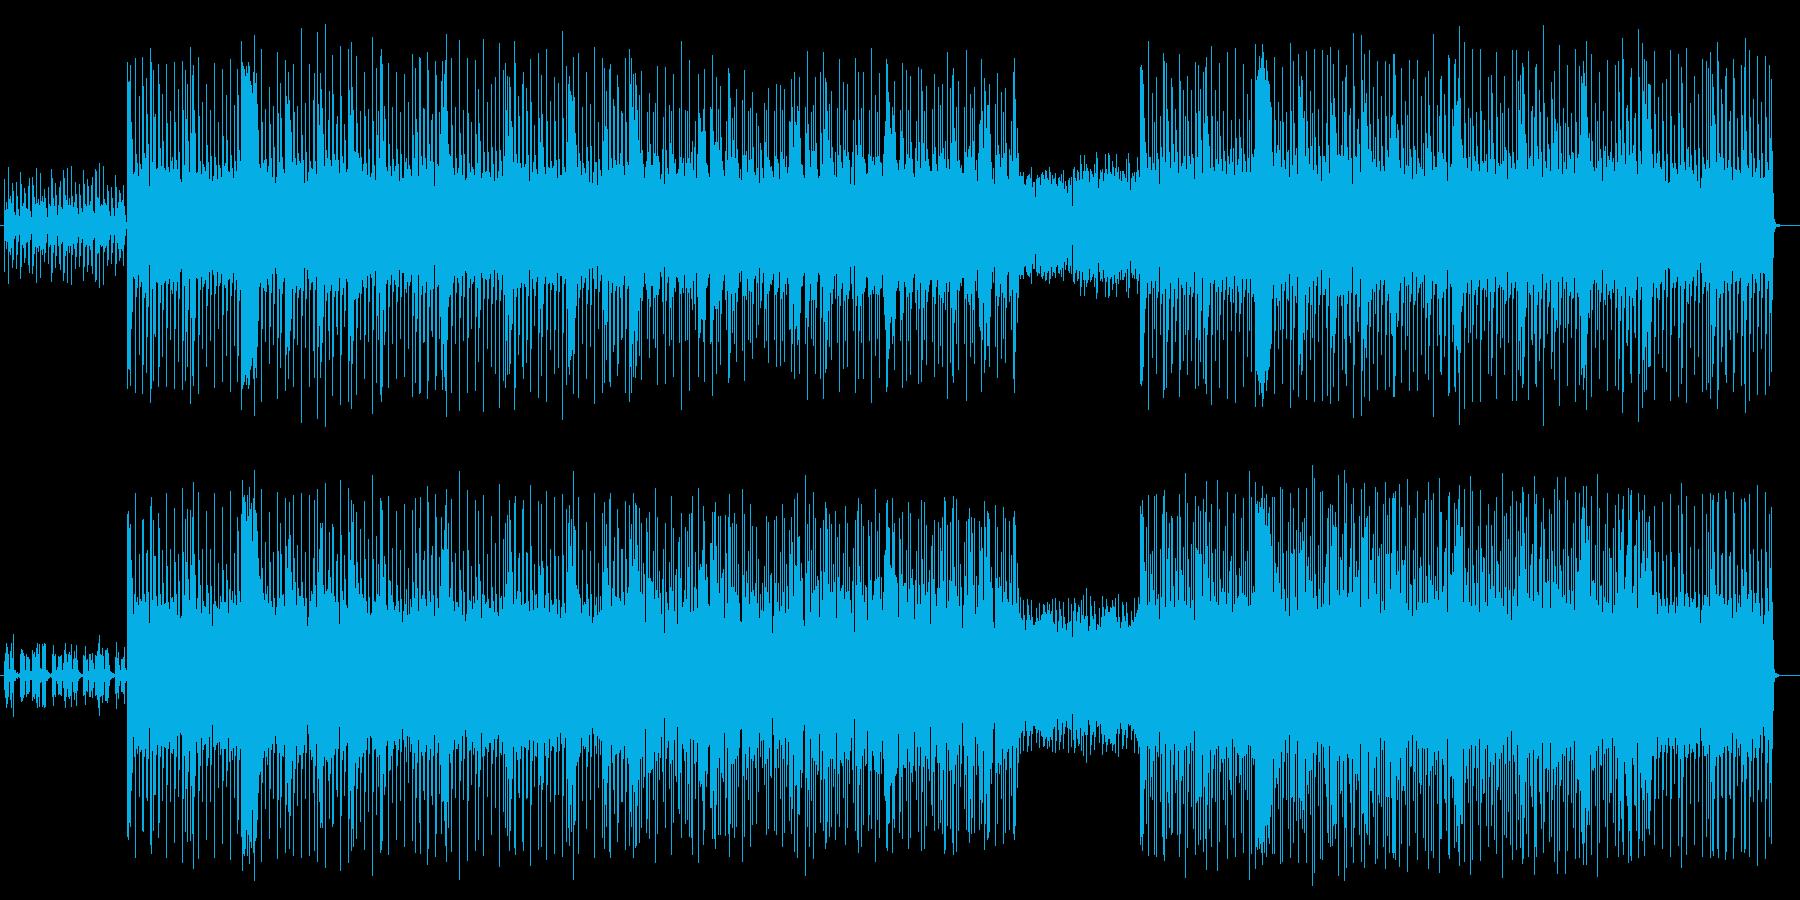 ミステリアスでマイナーなシンセサウンドの再生済みの波形